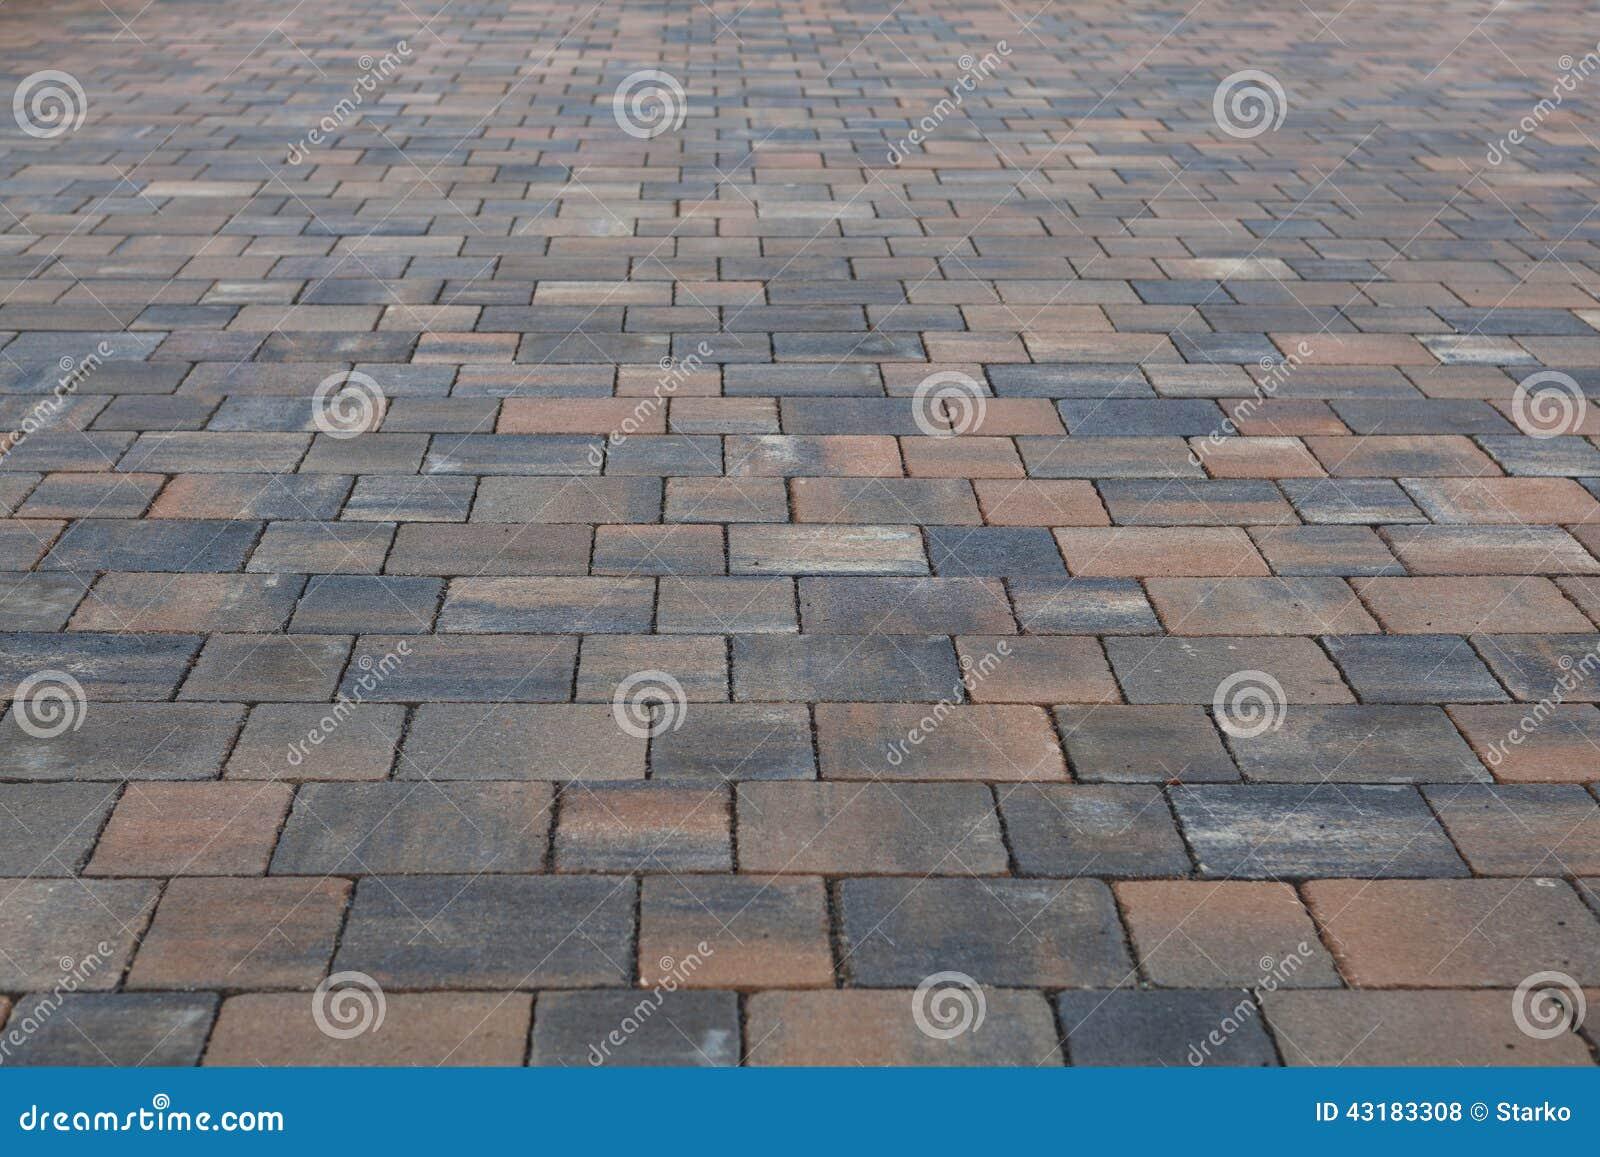 Adoquín, piedra de pavimentación